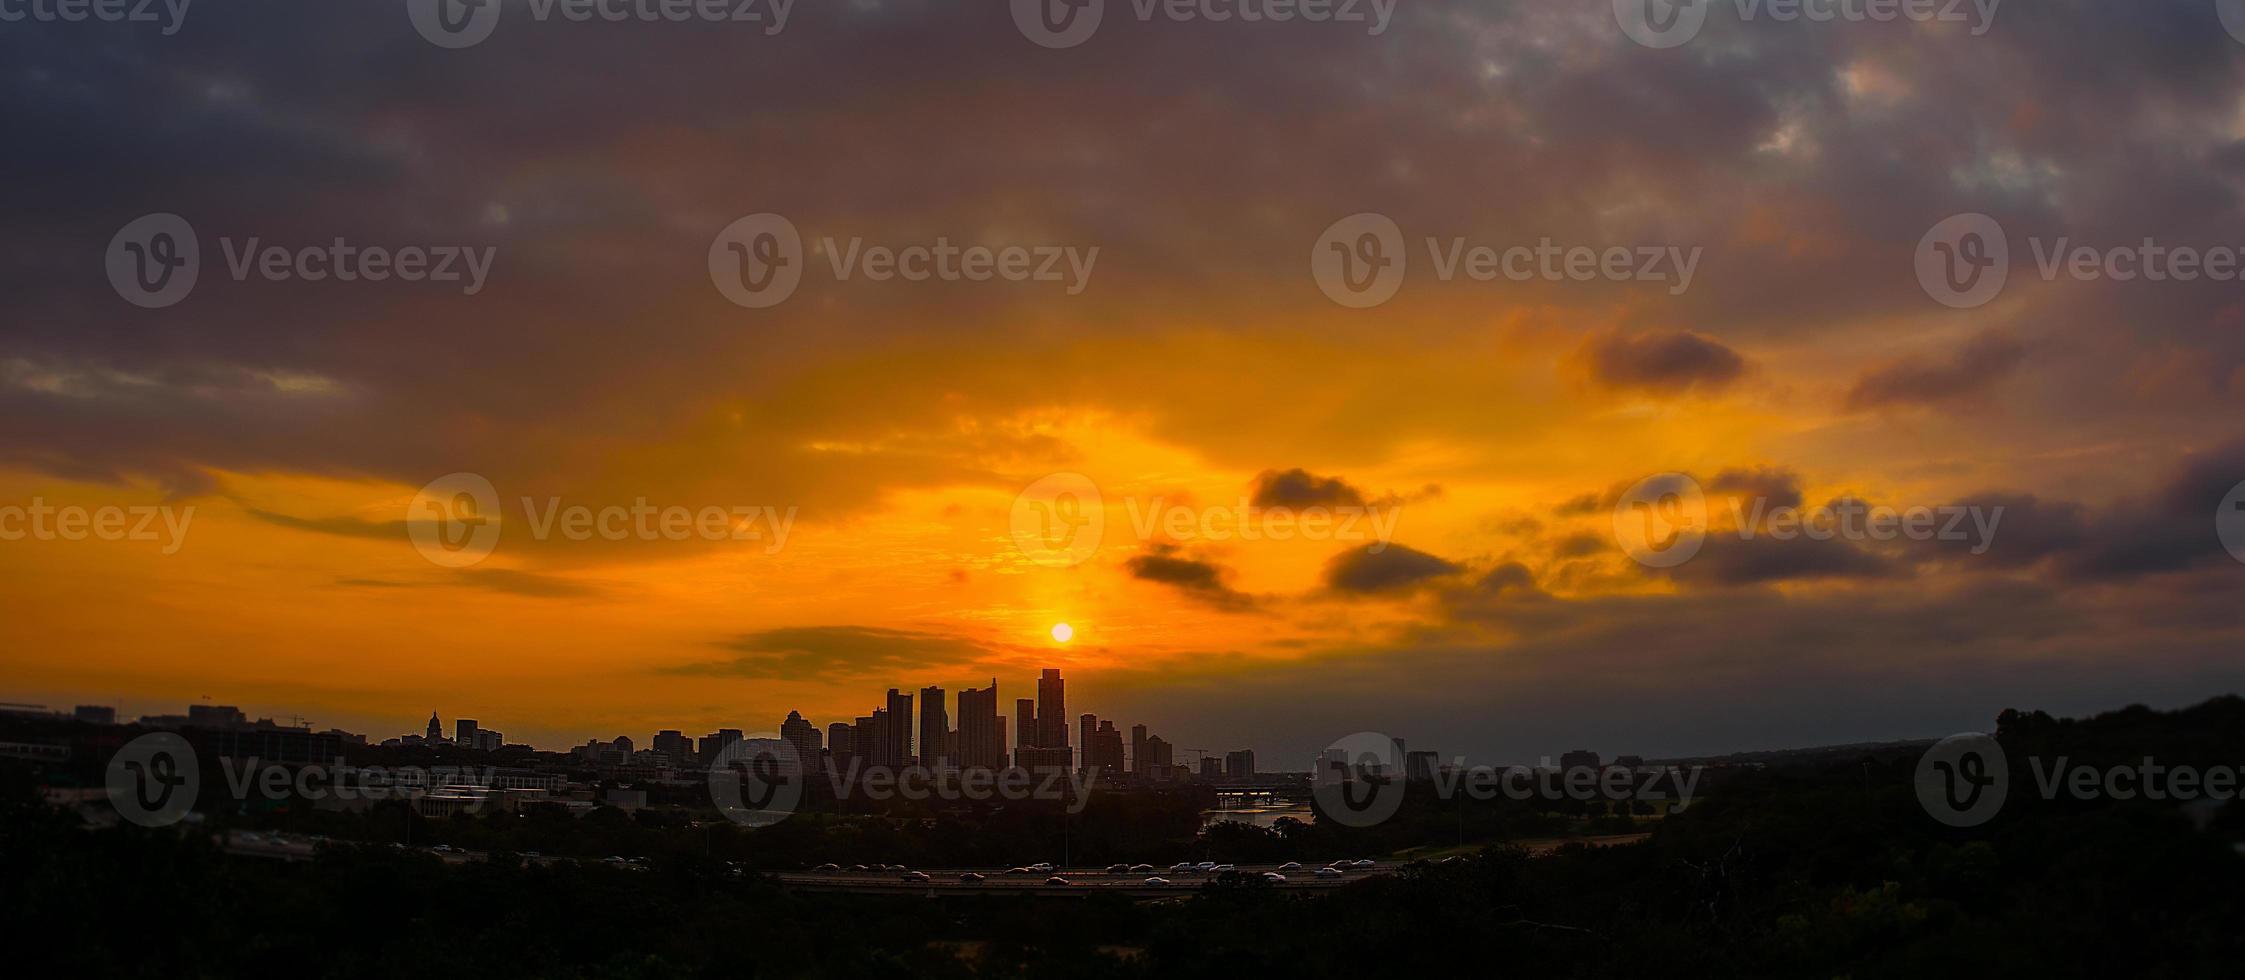 vidvinkel panormisk soluppgångssol över austin texas stadsbild foto